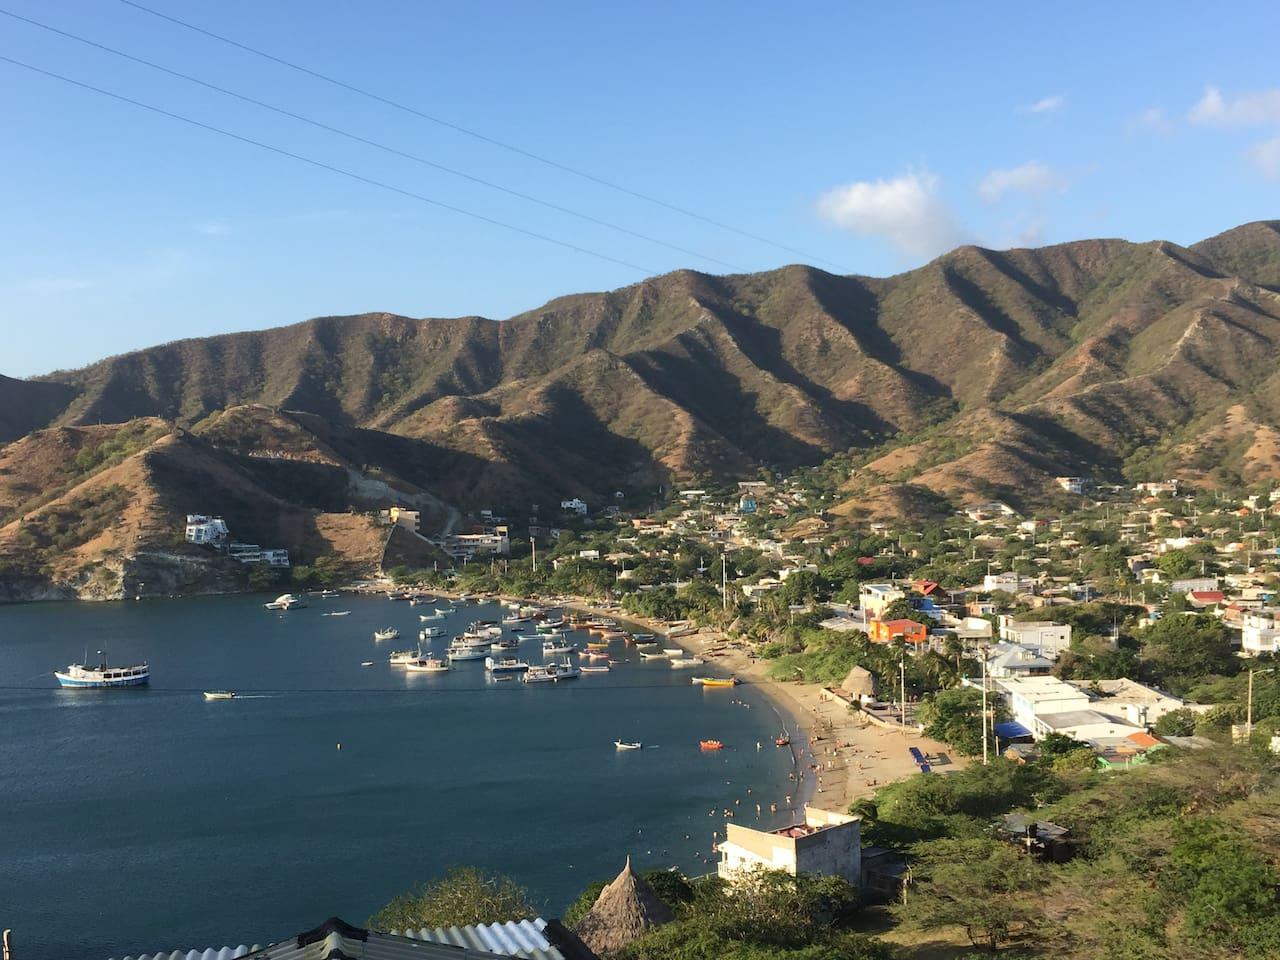 Vista al mar, la montaña y pueblo de Taganga desde el establecimiento